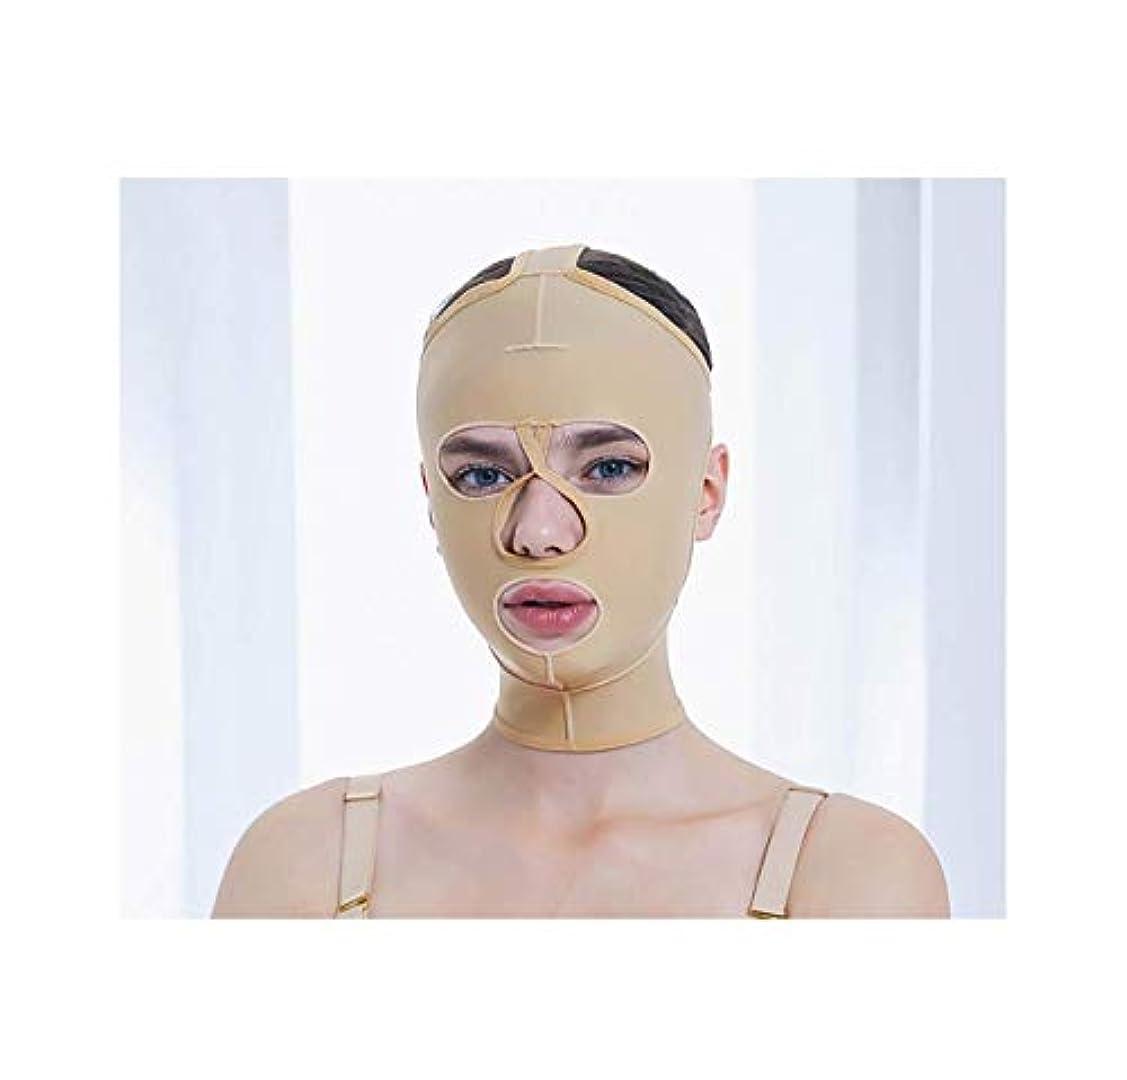 ダニ安らぎピアースフェイスアンドネックリフト、減量フェイスマスク脂肪吸引術脂肪吸引術シェーピングマスクフードフェイスリフティングアーティファクトVフェイスビームフェイス弾性スリーブ(サイズ:S)